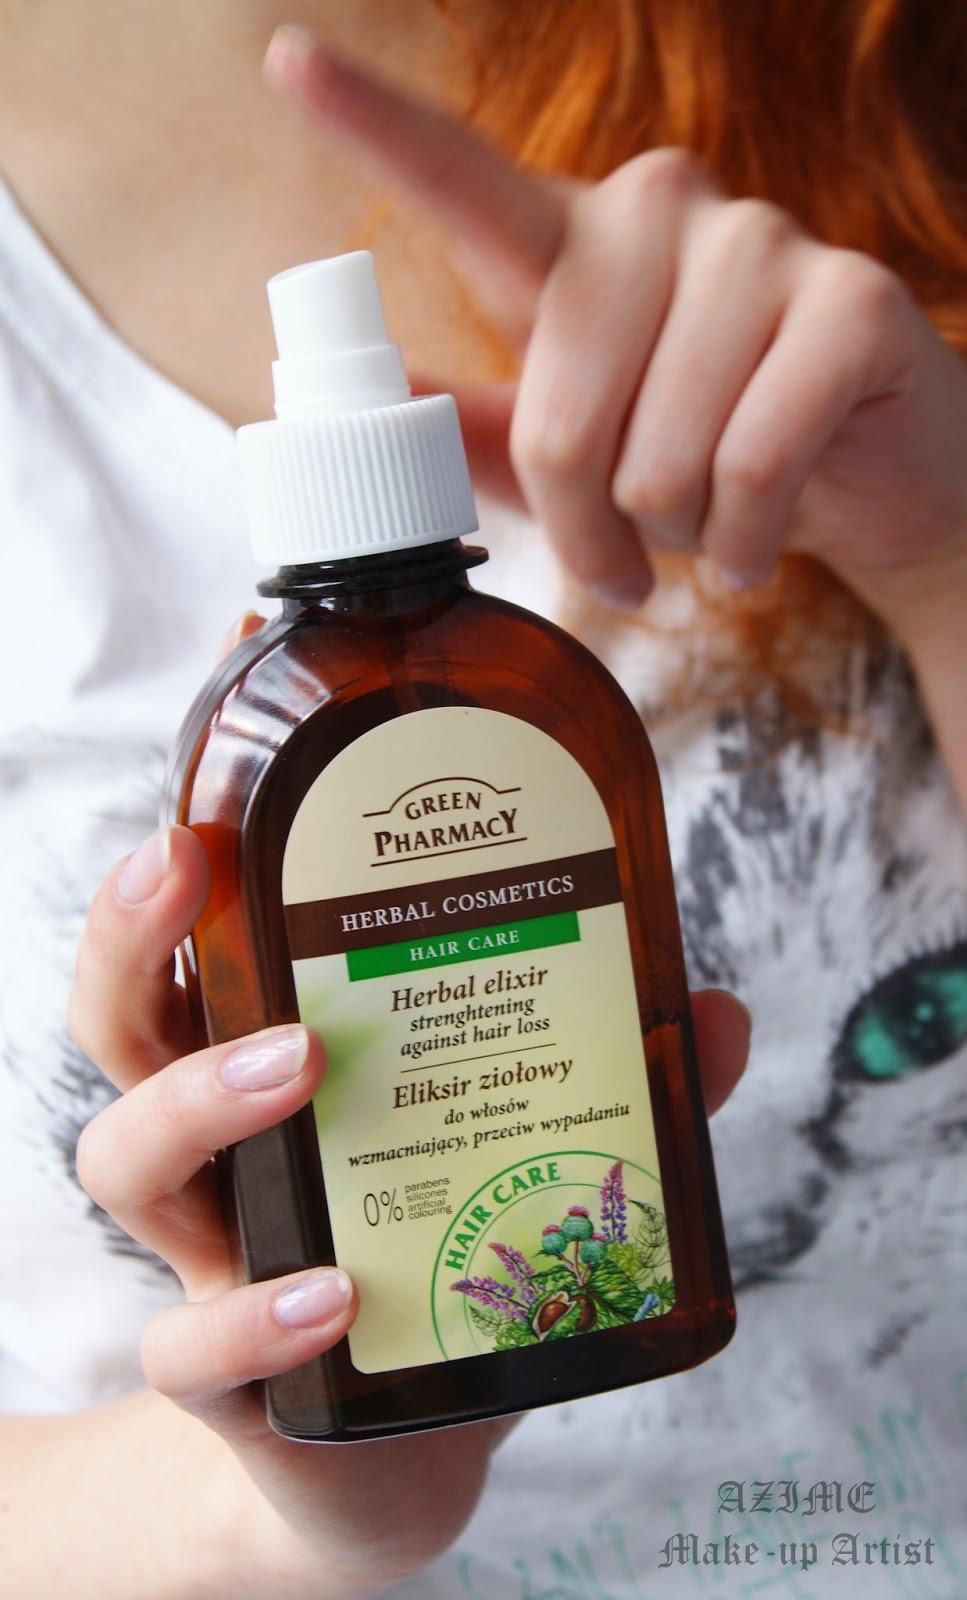 [101]. Eliksir ziołowy Green Pharmacy- wzmacniający, przeciw wypadaniu.